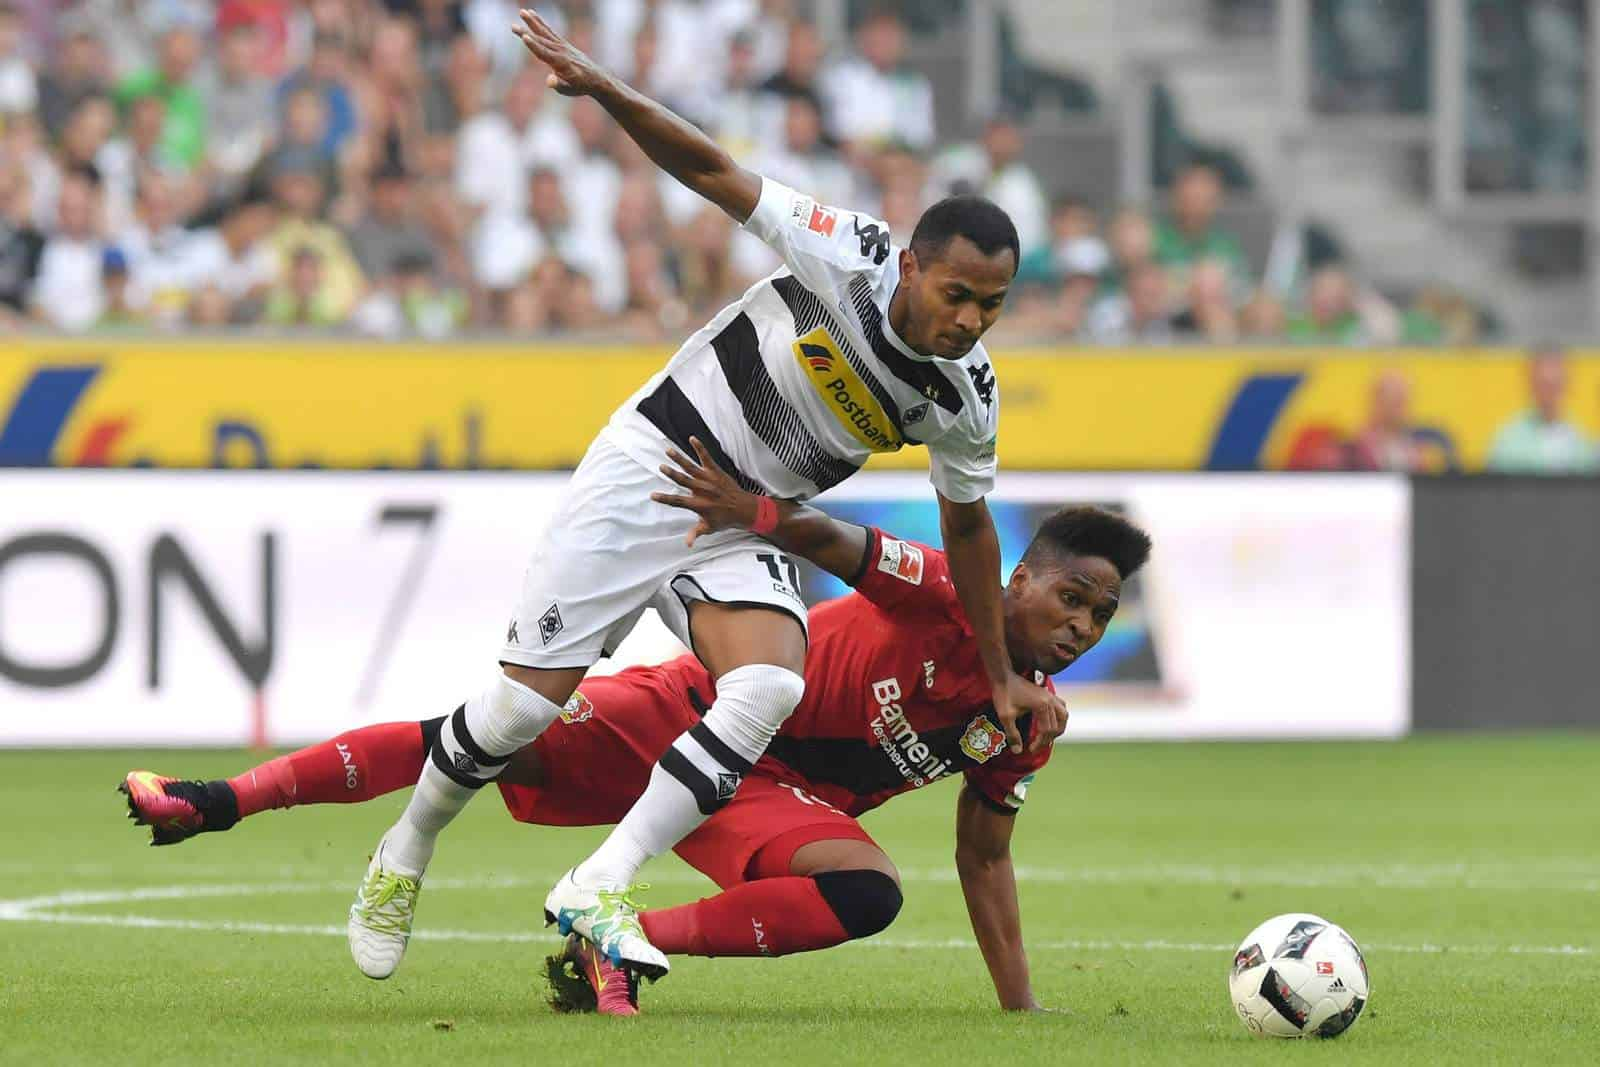 Bayer Leverkusen-Borussia M'gladbach: pronostici, probabili formazioni, diretta tv